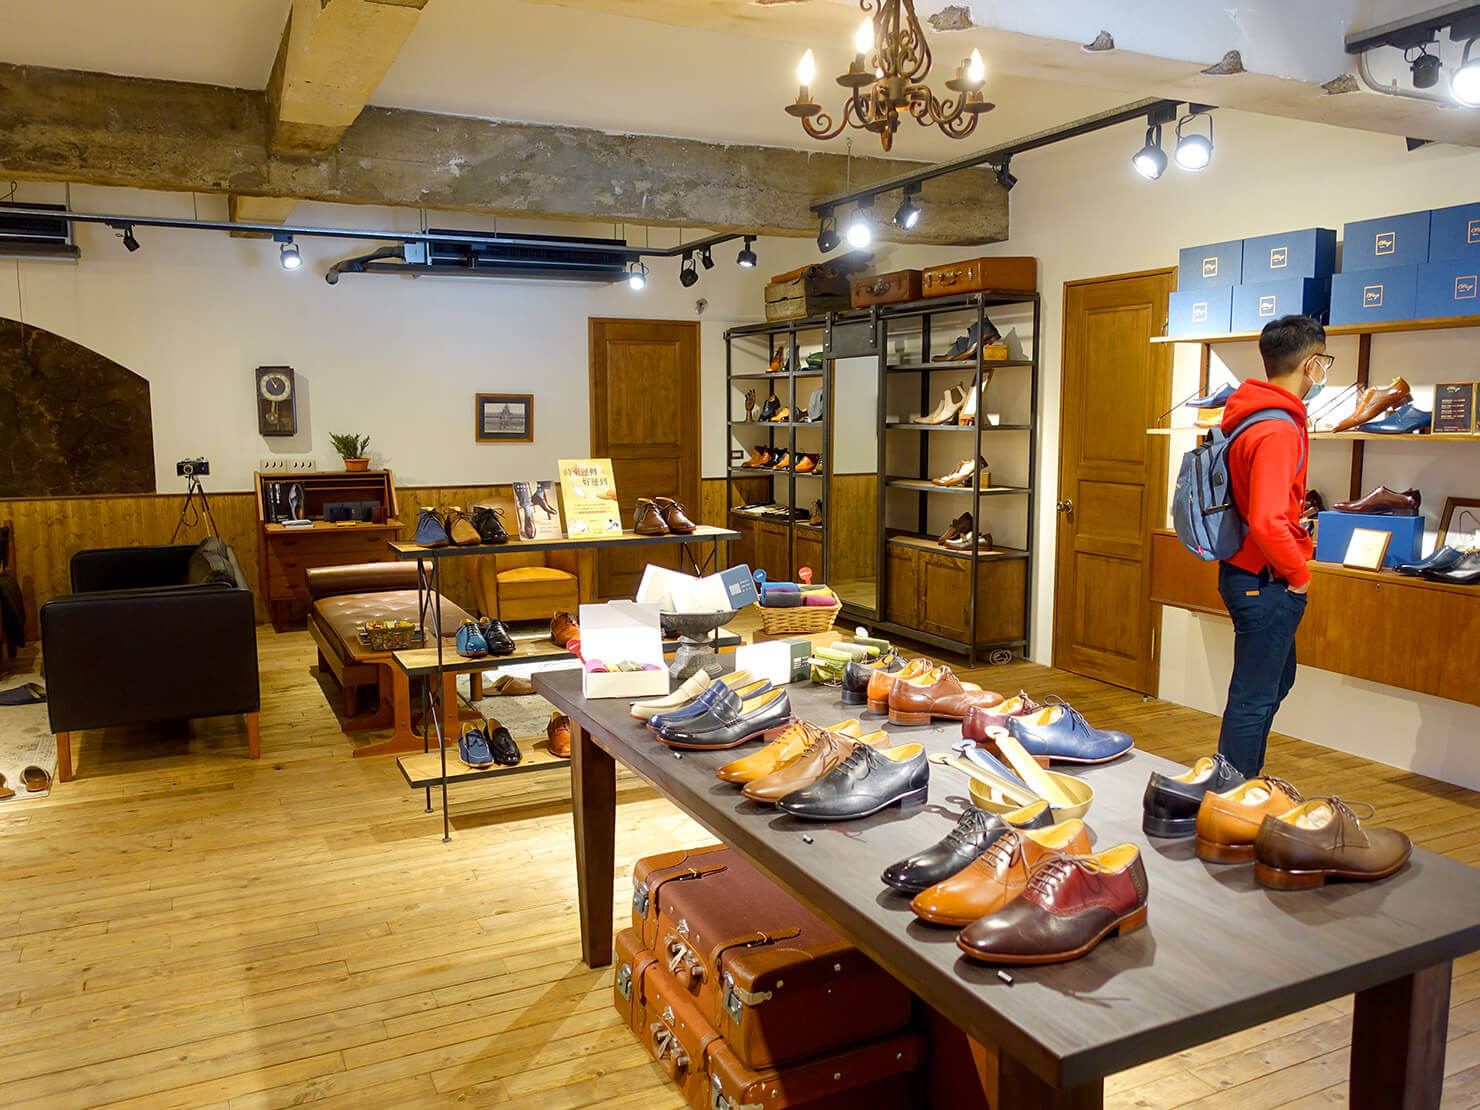 台湾のおすすめ革靴ブランド「林果良品 ORINGO」台北東門店の店内に並ぶ革靴